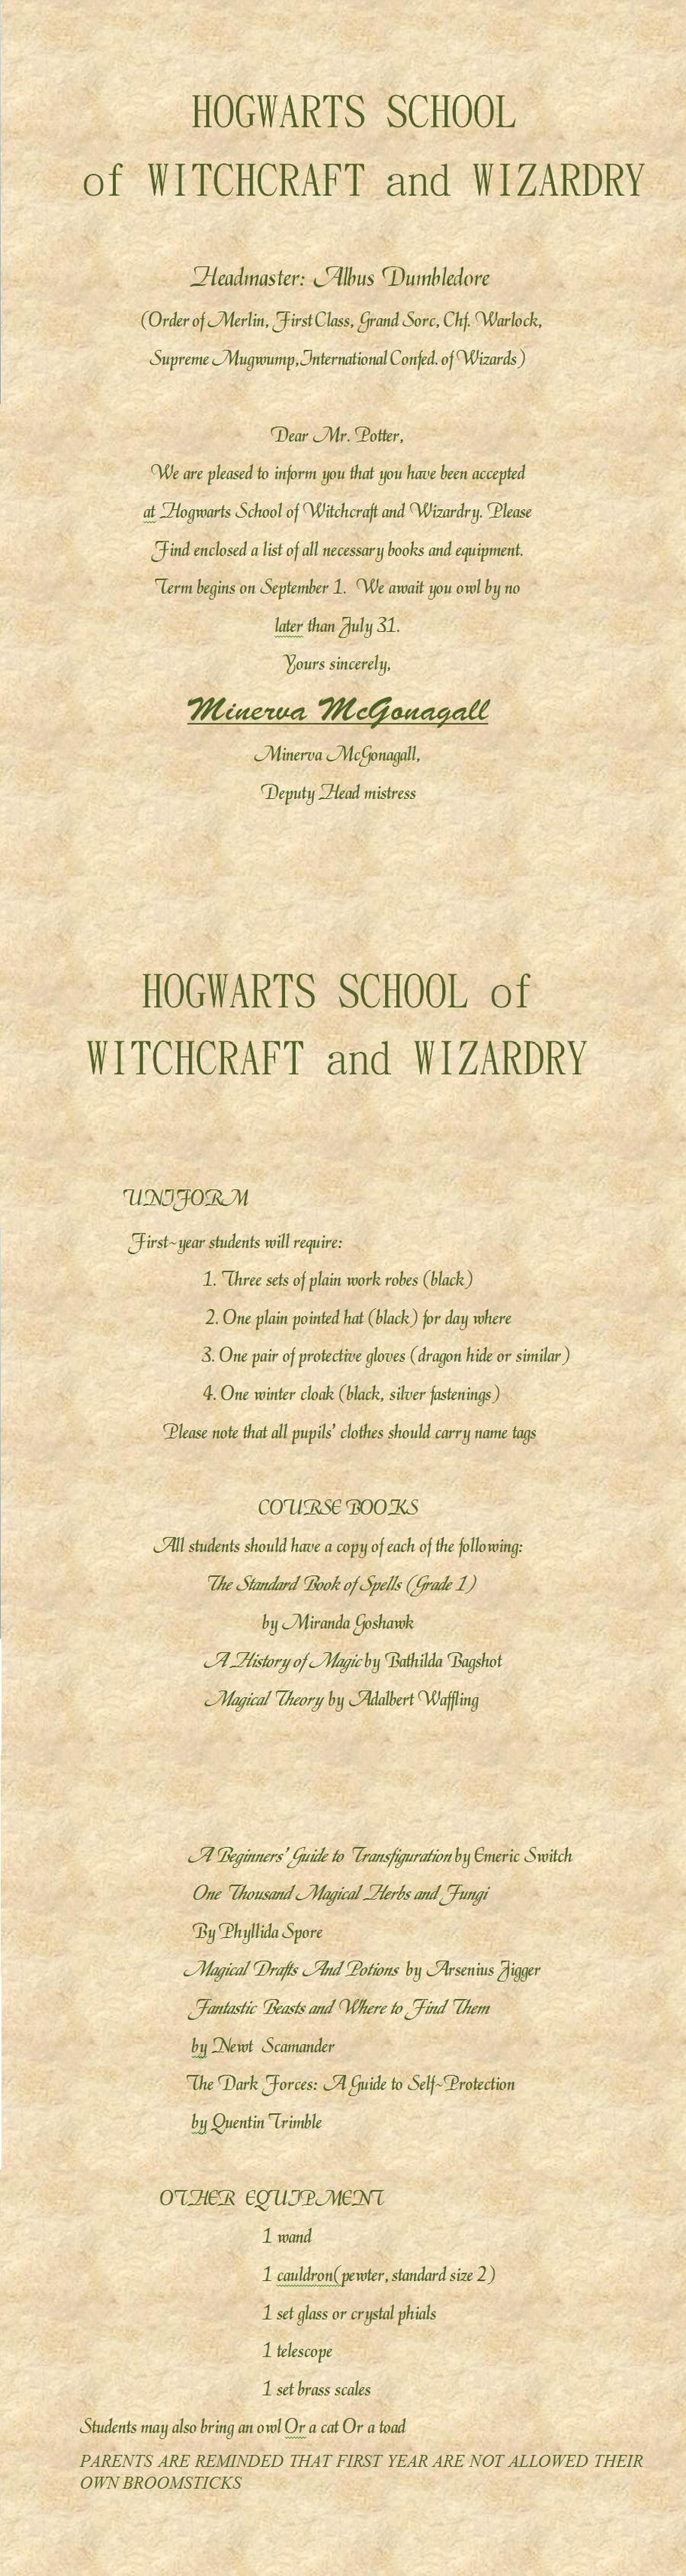 Printable Harry Potter Letter by jessie-elf on DeviantArt